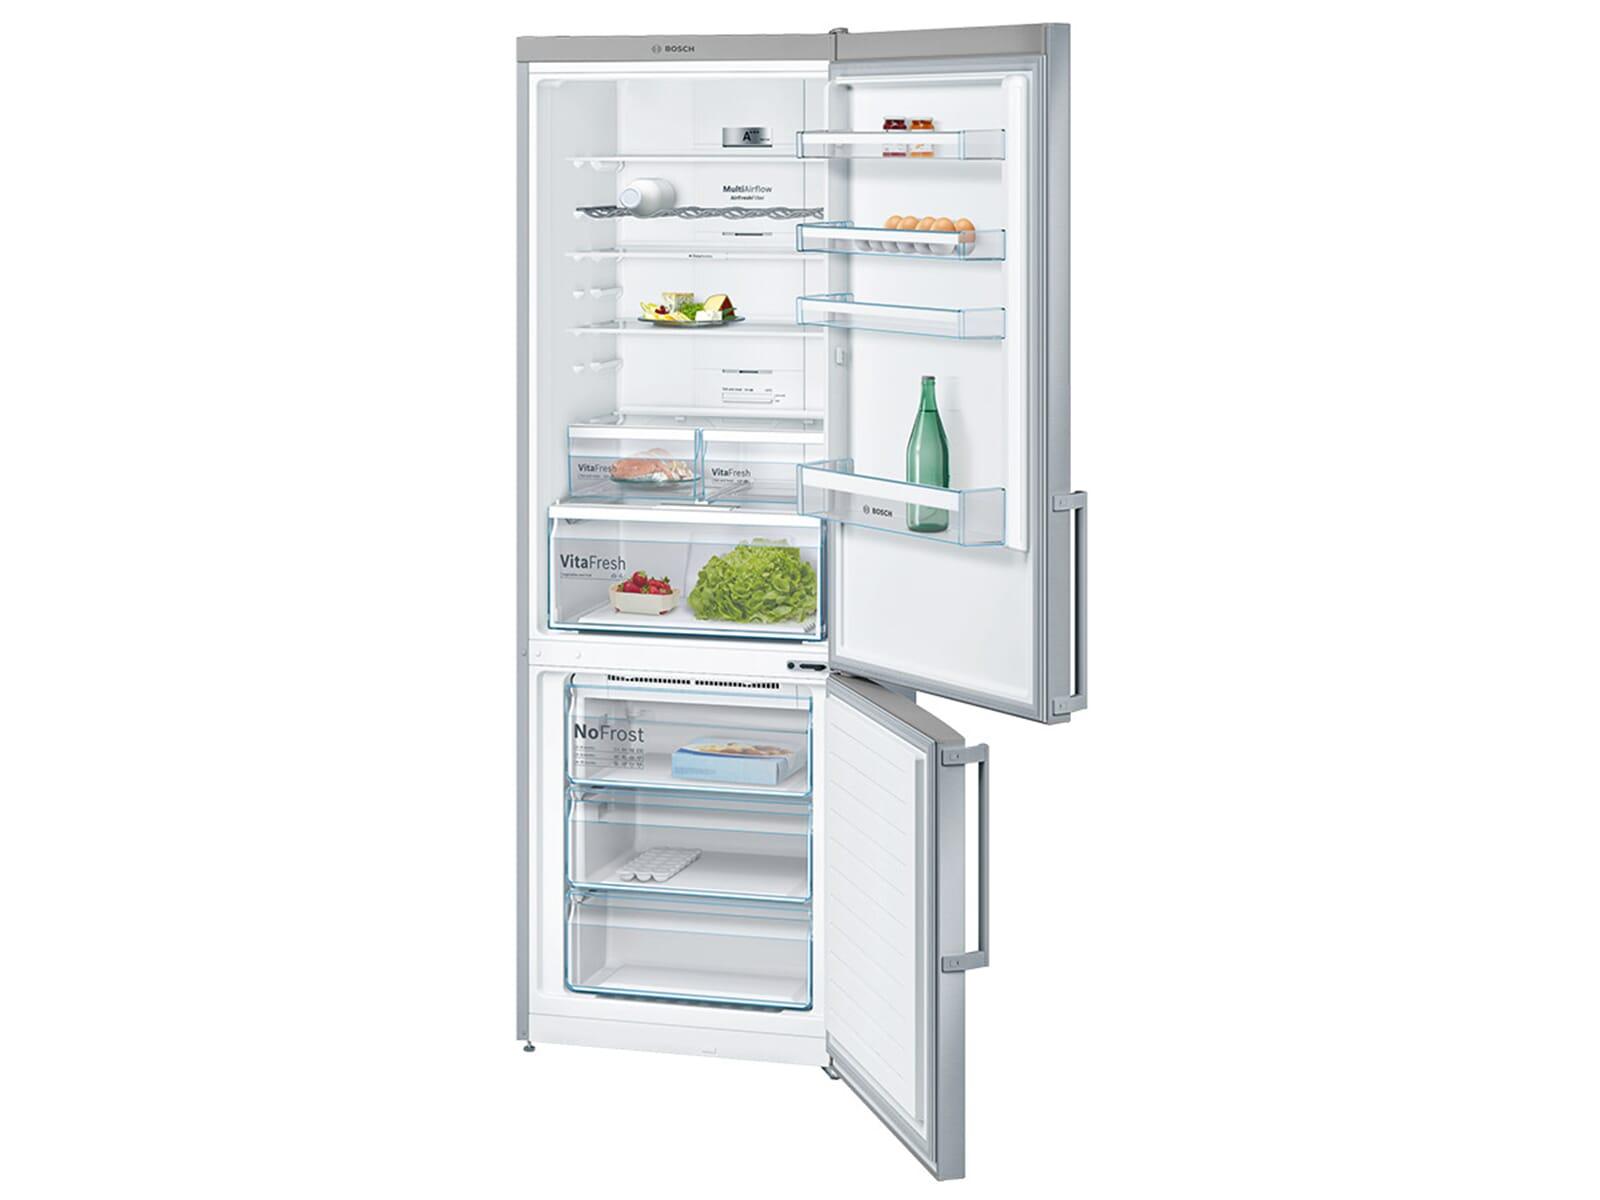 Bosch Kühlschrank Kgn 39 Xi 45 : Bosch serie spu t eu unterbau geschirrspüler cm edelstahl a bosch